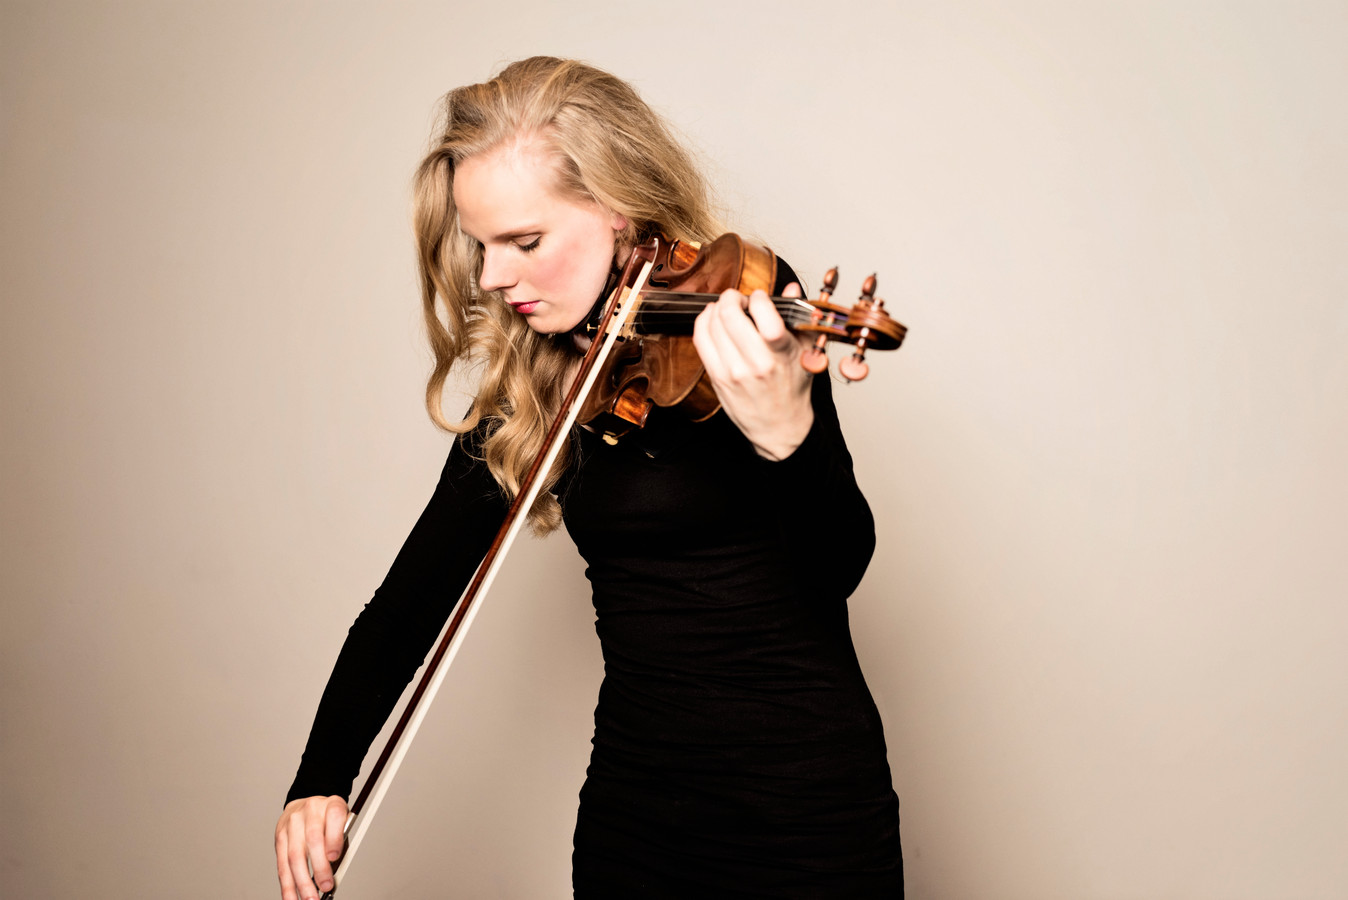 Violiste Simone Lamsma soleerde vrijdagavond met Philharmonie Zuidnederland tijdens een livestream-concert.